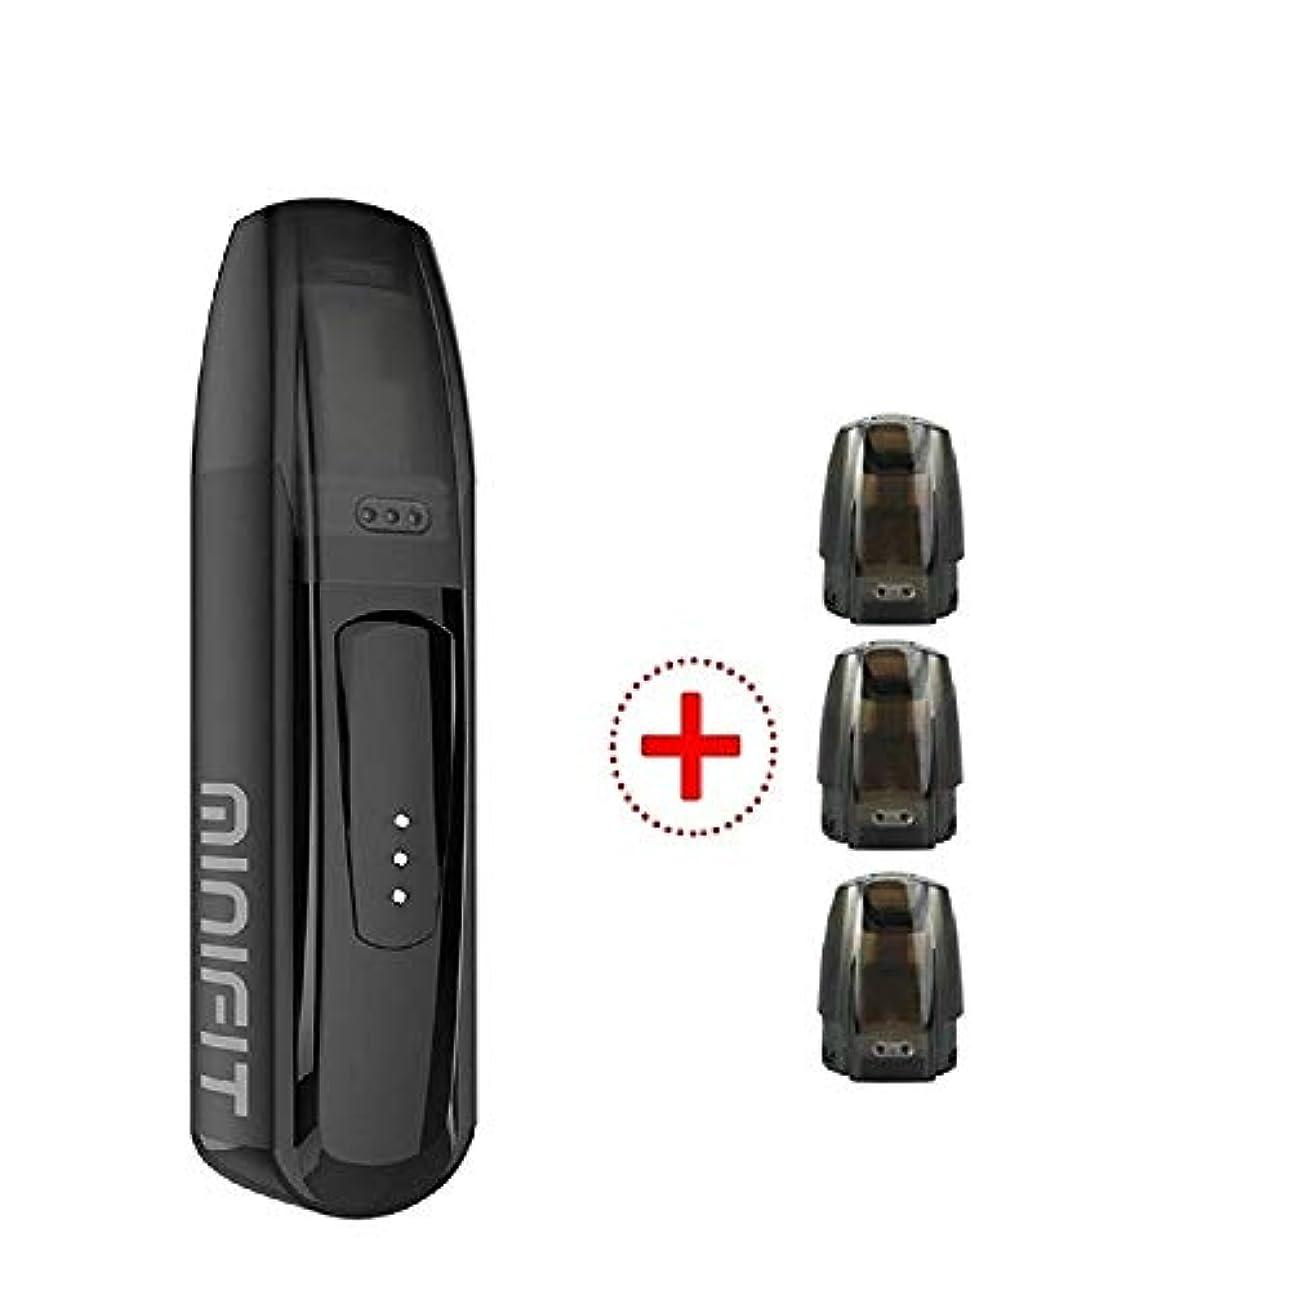 【正規品】付贈3個 ポッド Justfog Minifit Kit ジャストフォグ ミニフィット 電子たばこ (ブラック black)